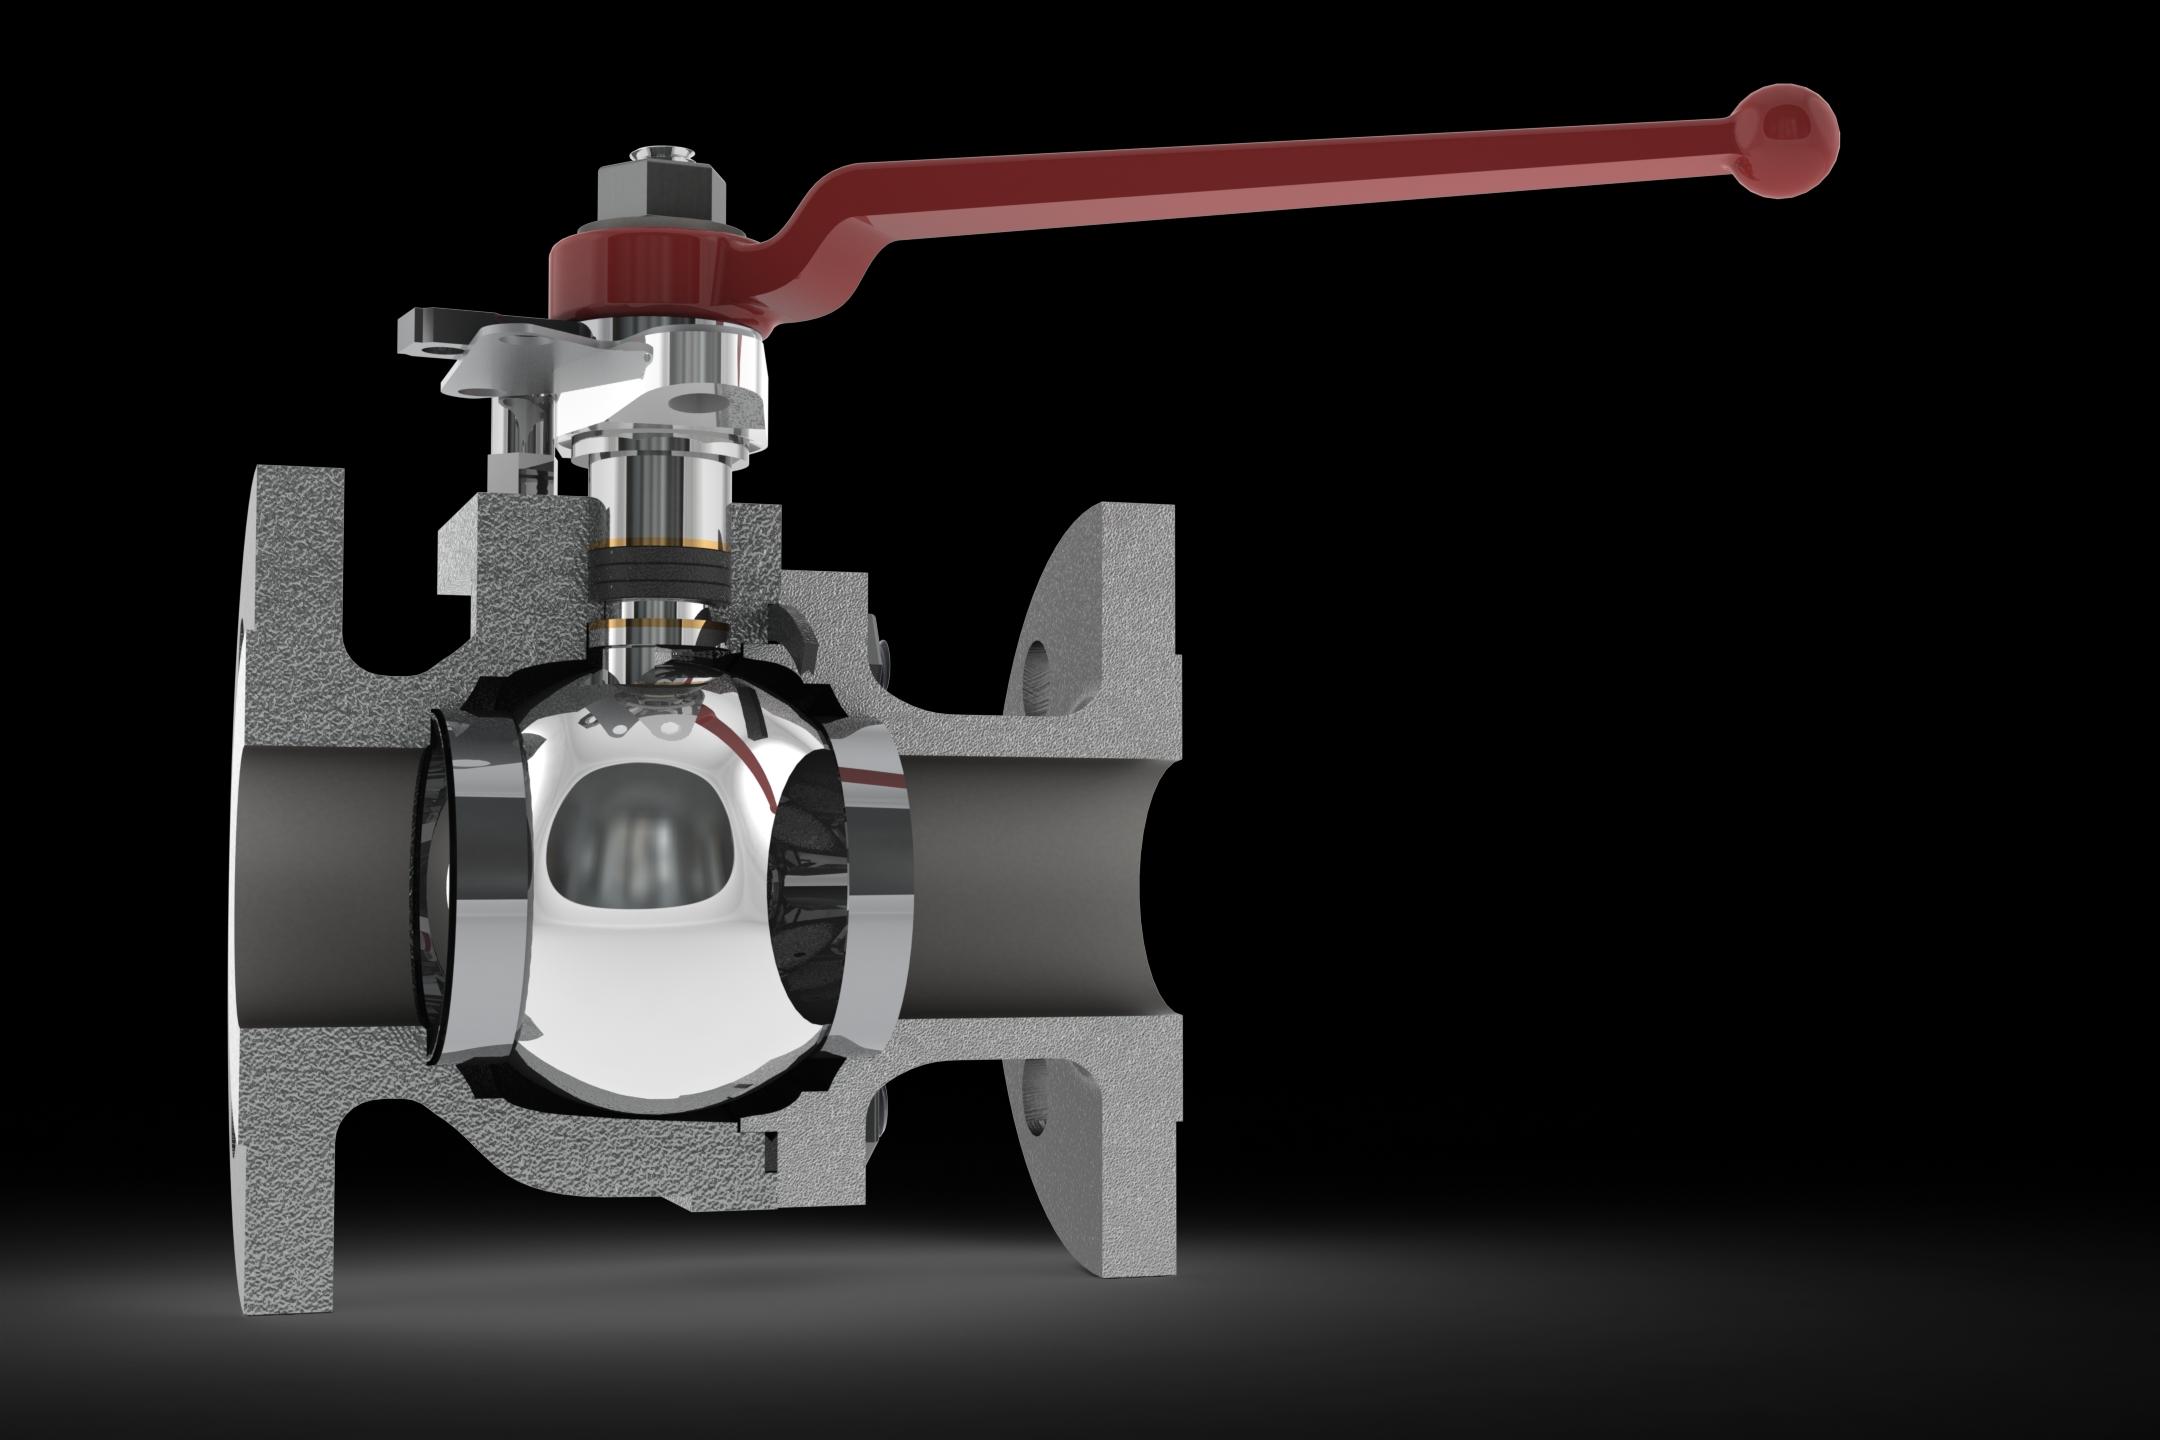 3 way diverter valve wiring diagram 7 pin plug for trailer globe drawing elsavadorla